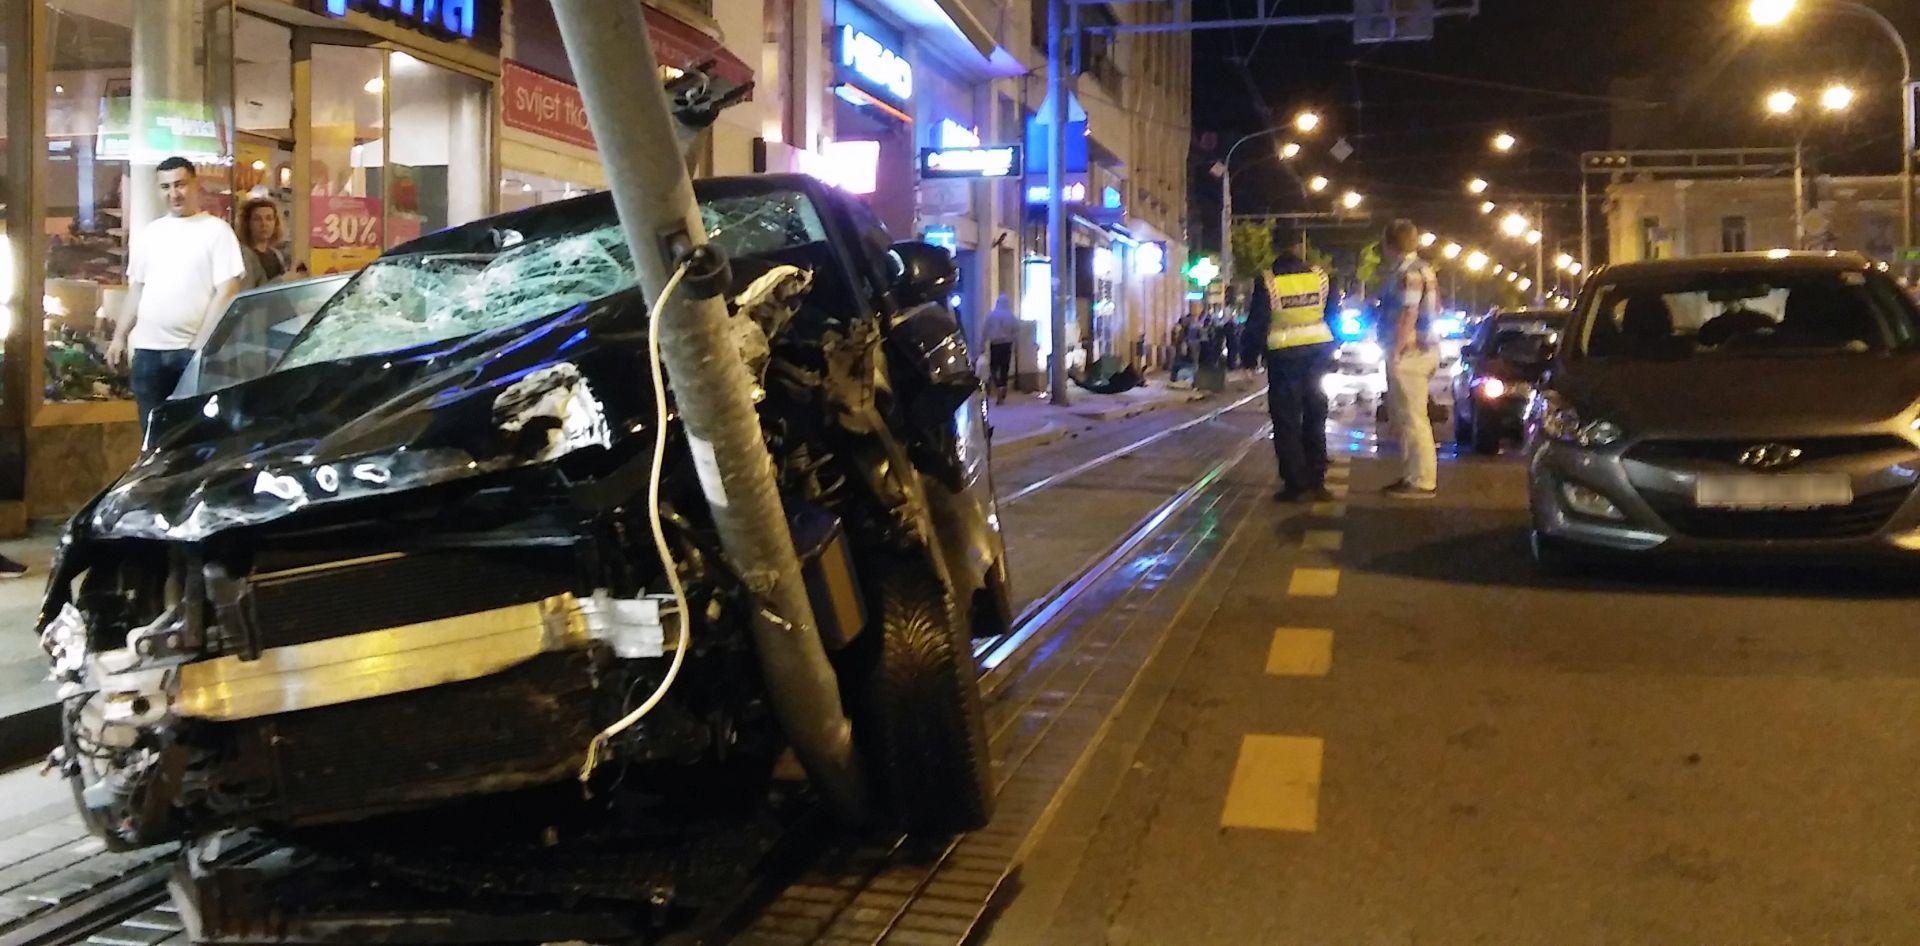 UČESTALE TEŠKE NESREĆE: Policija će zbog sigurnosti pojačano nadzirati promet